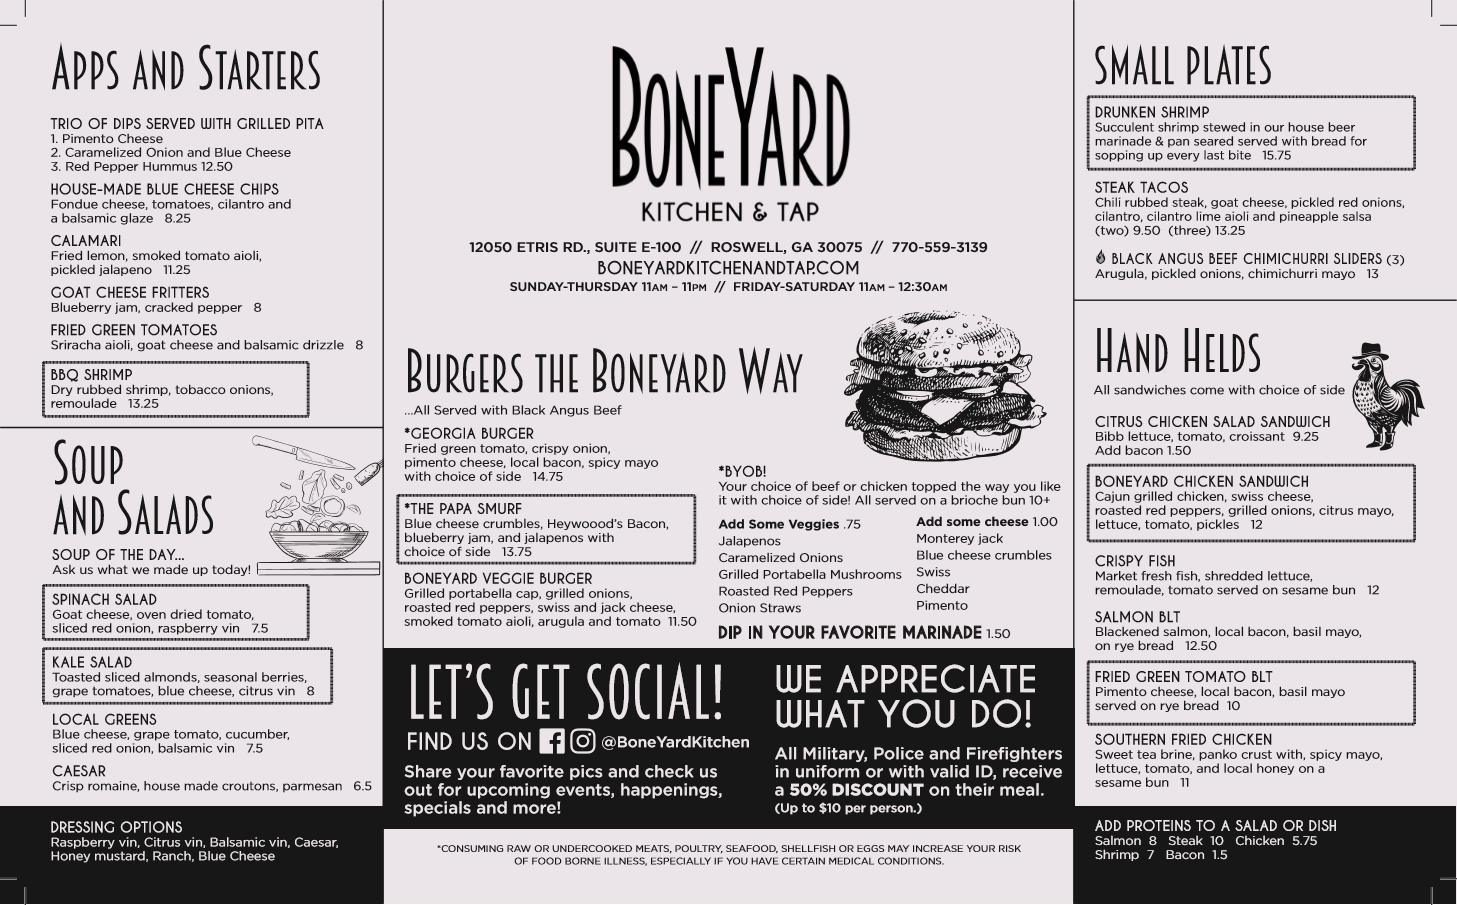 BoneYard Kitchen & Tap image 6